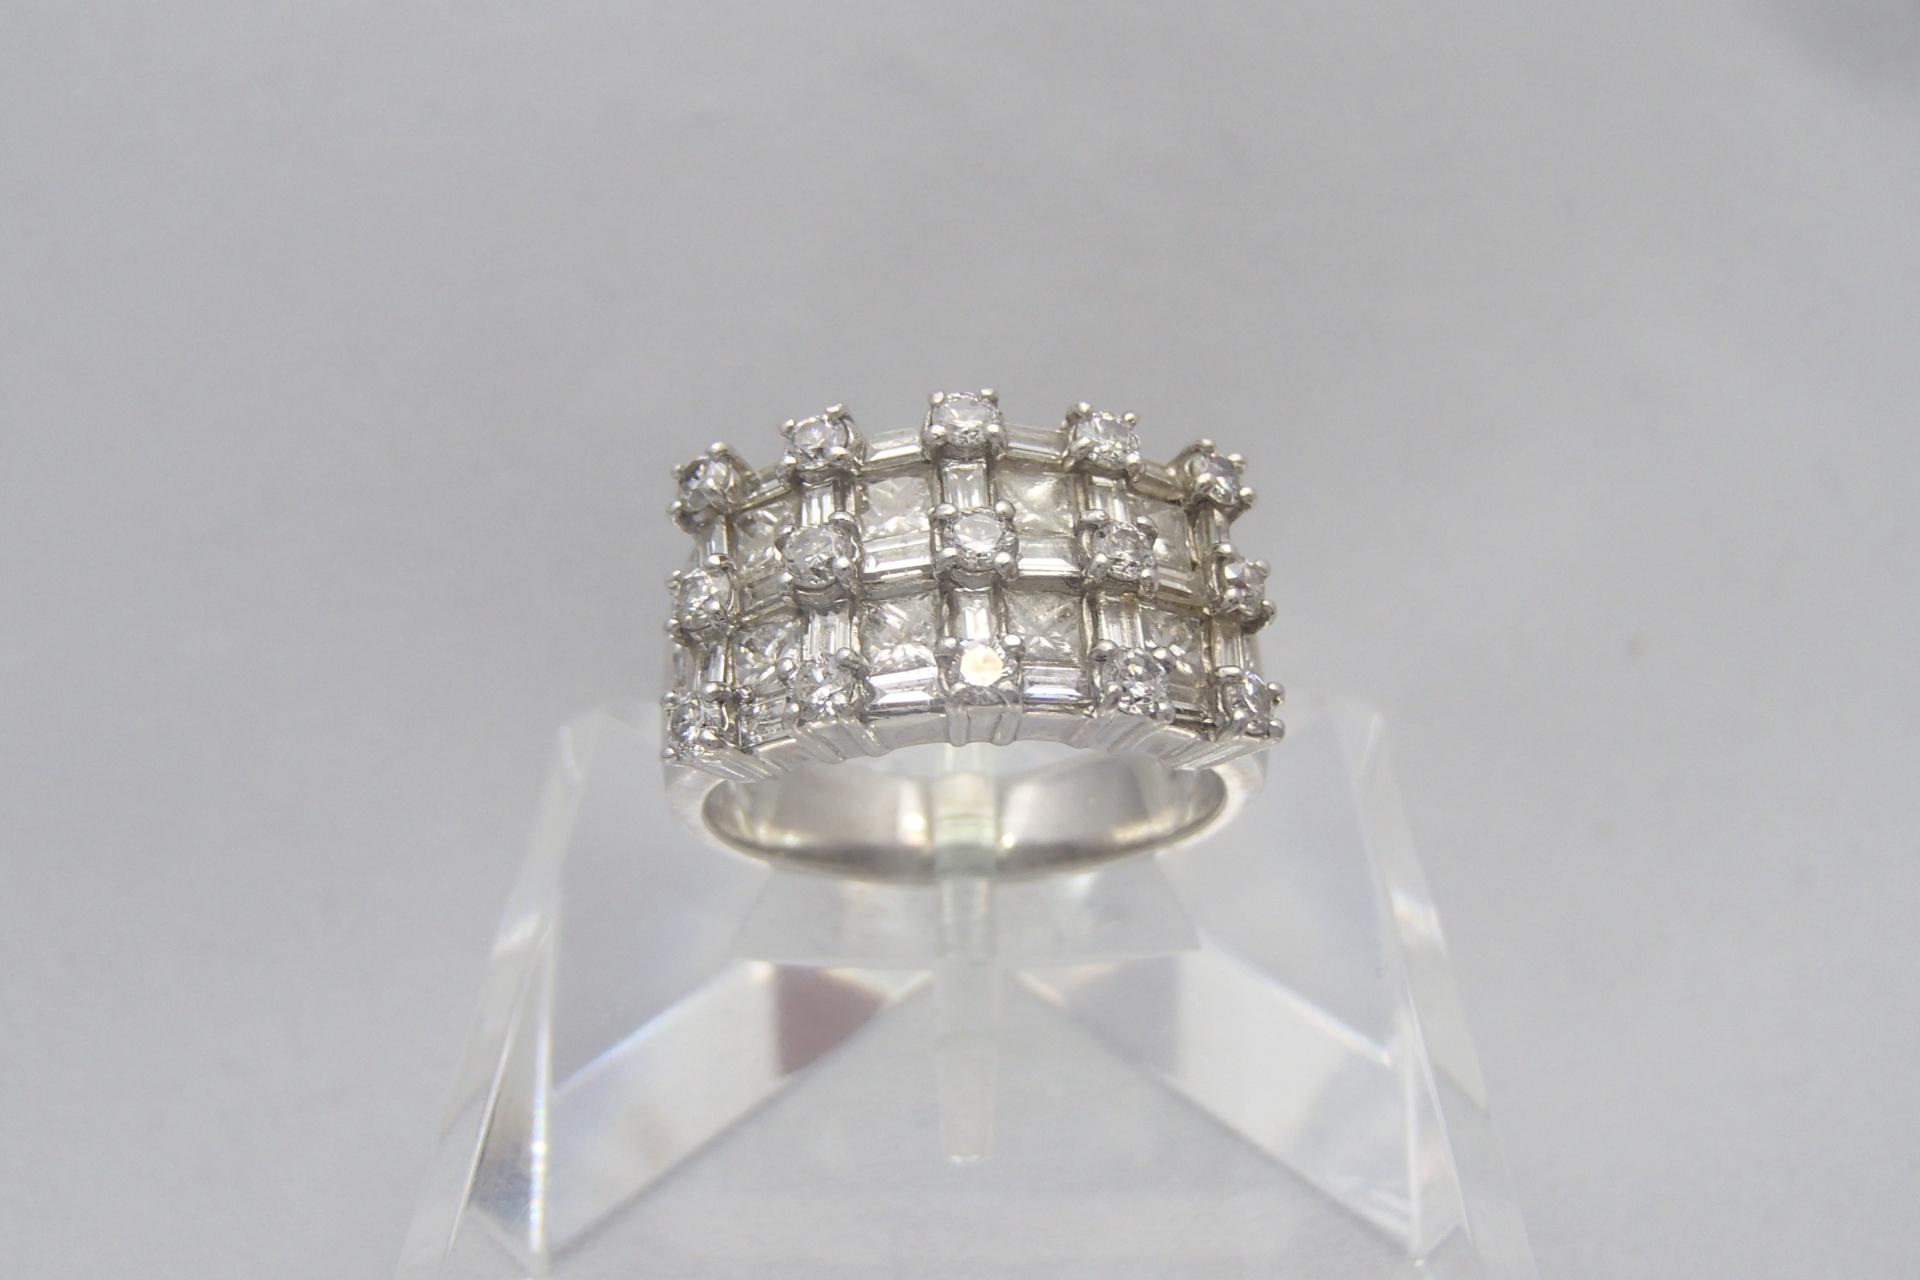 ダイヤモンドは大きいものが人気?カラット数で見るダイヤモンドとは?